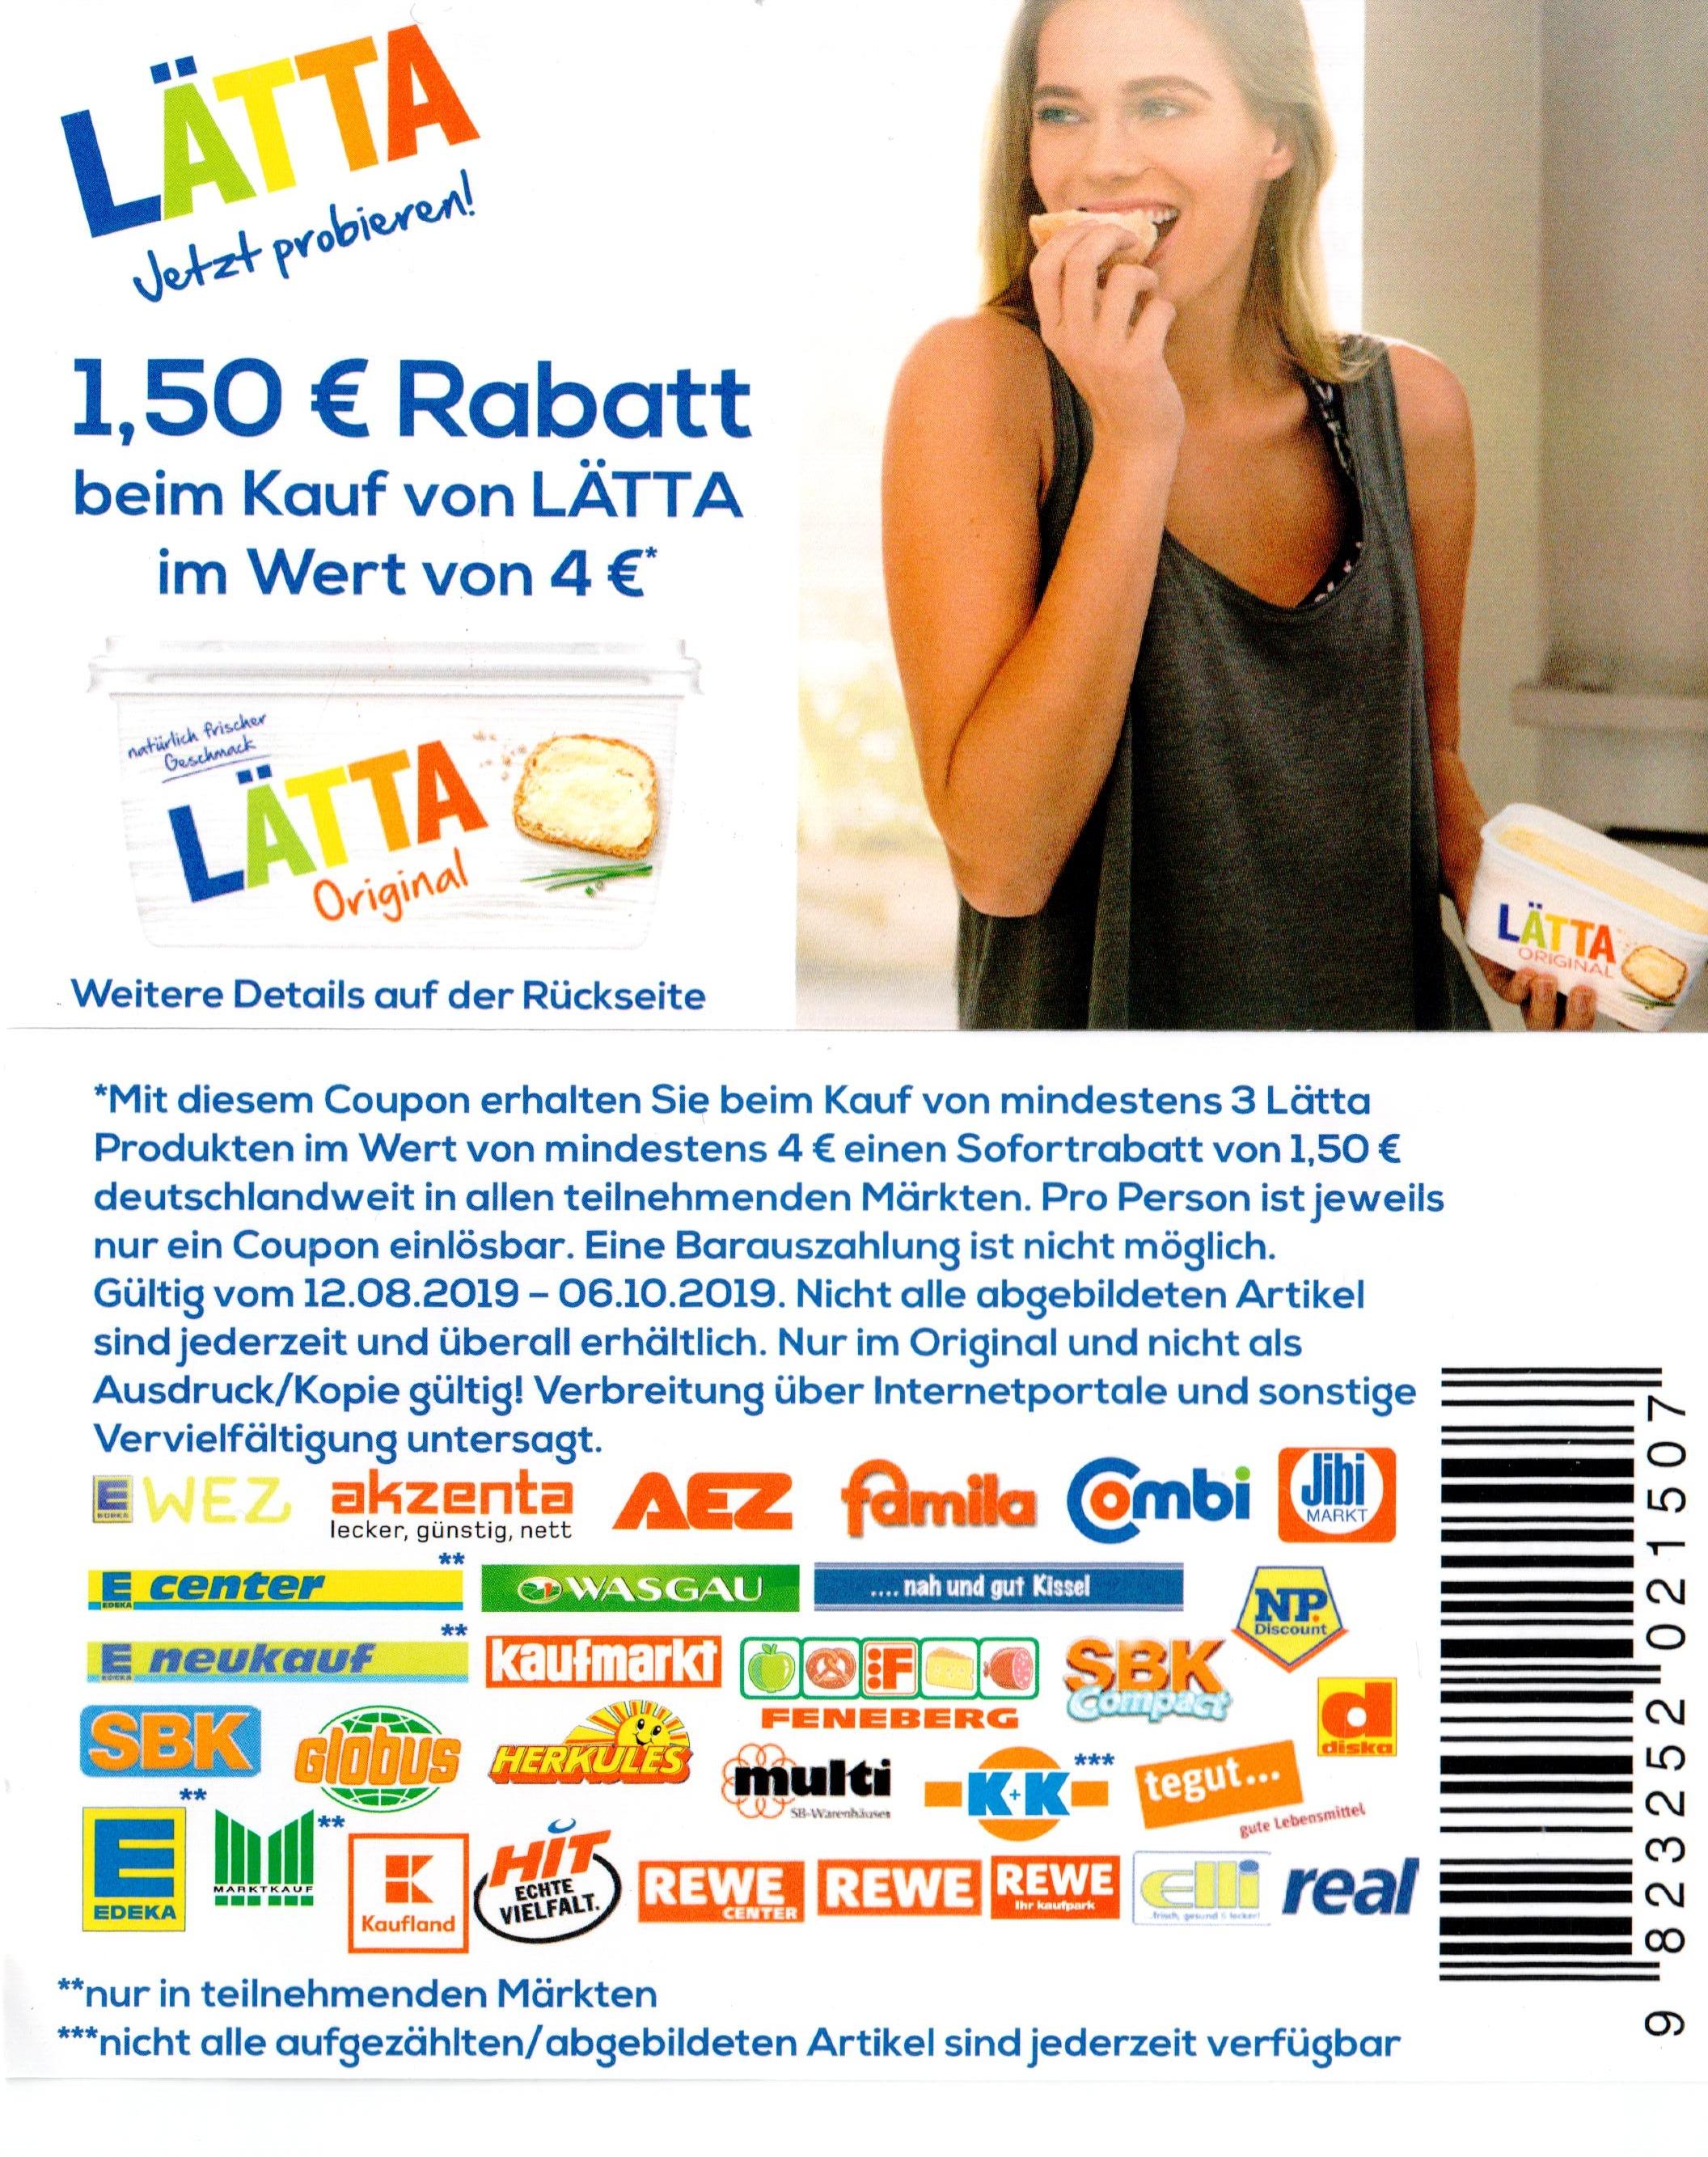 1,50€ Rabatt Coupon für 3 Lätta Produkte im Wert von mind. 4,00€ [06.10.2019]